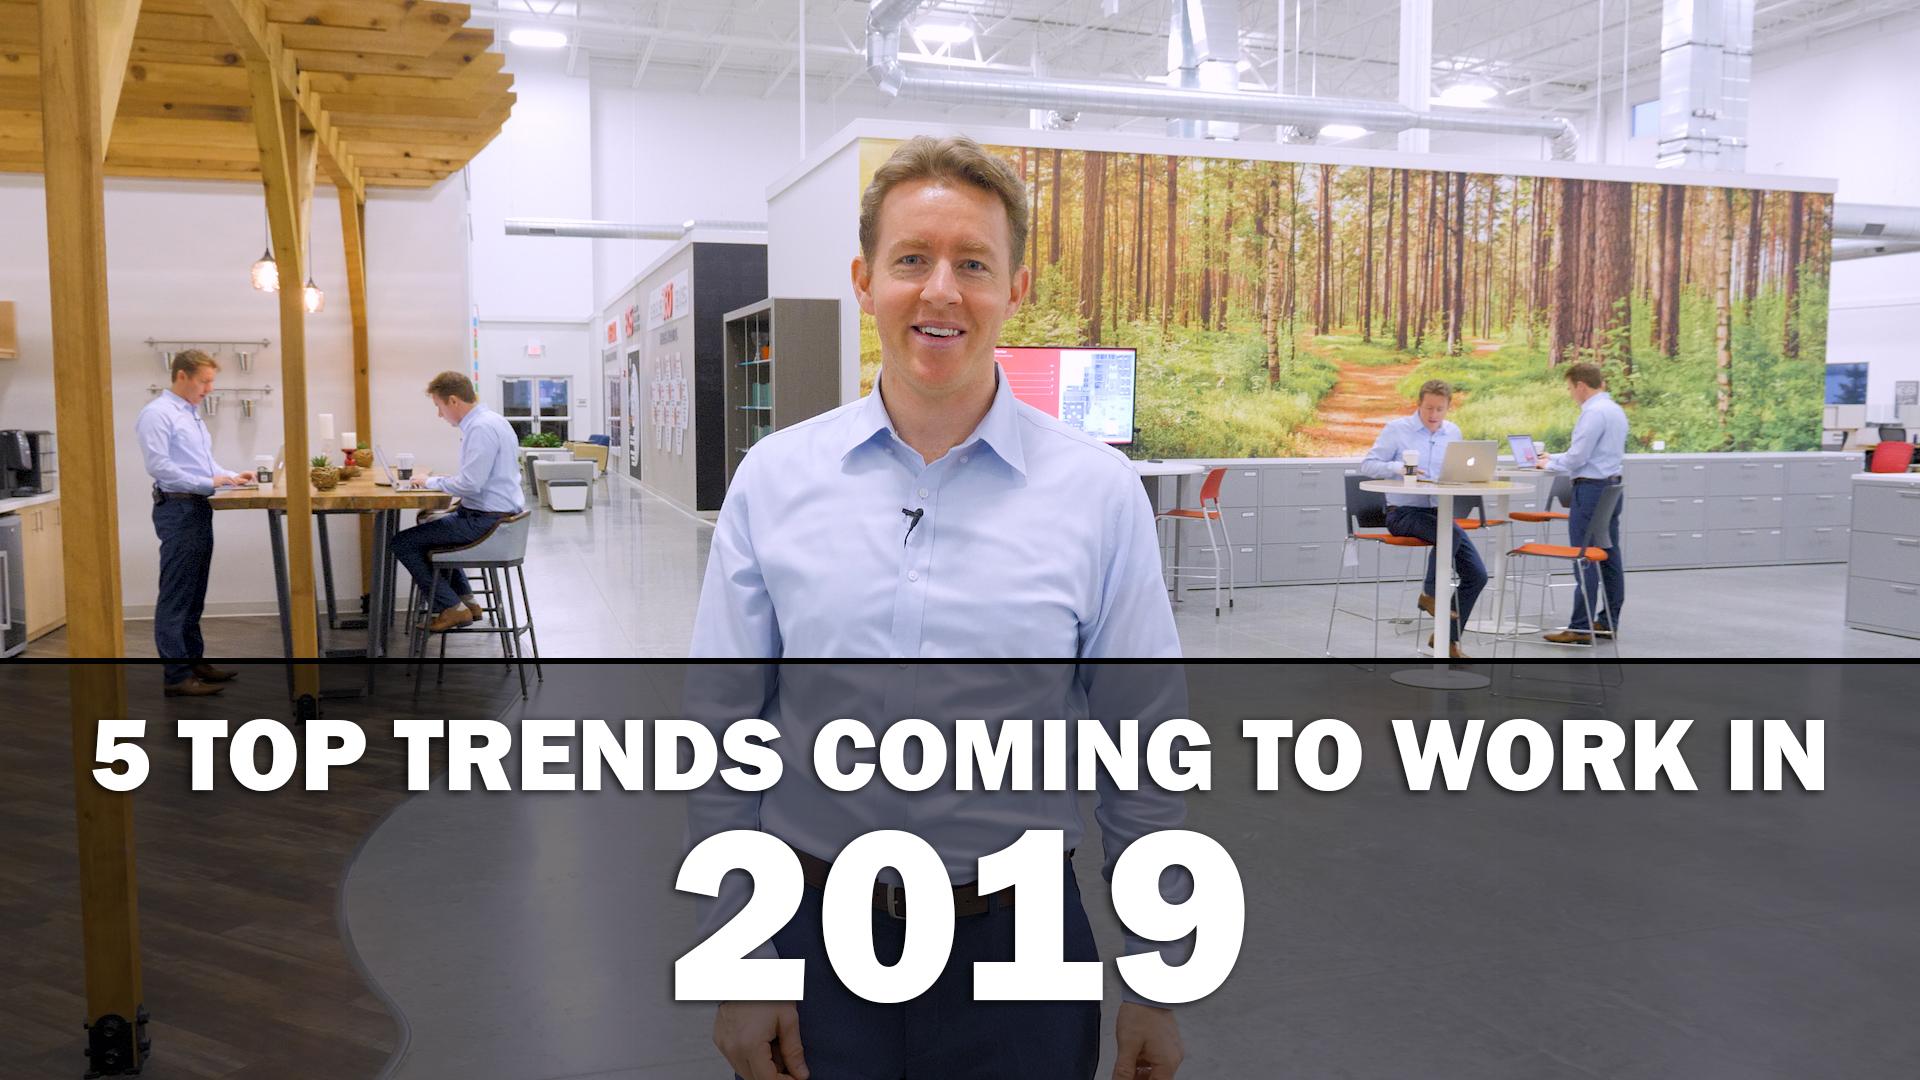 2019 work trends